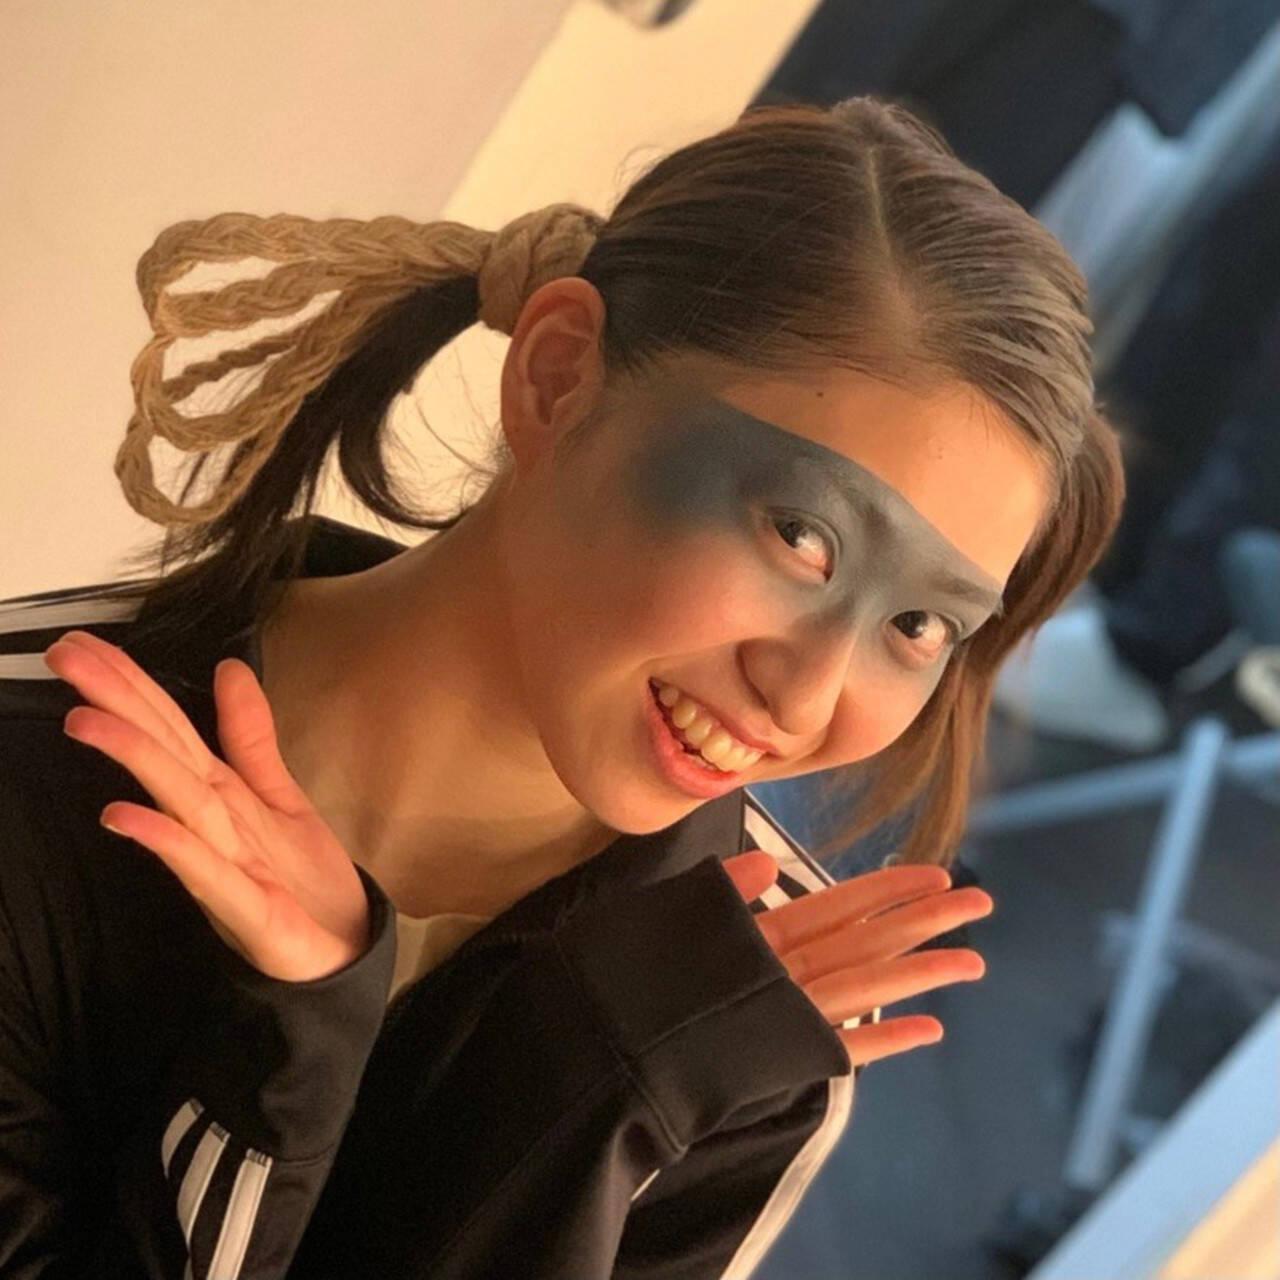 ミディアム ガーリー ヴィーナスコレクション ヘアメイクヘアスタイルや髪型の写真・画像